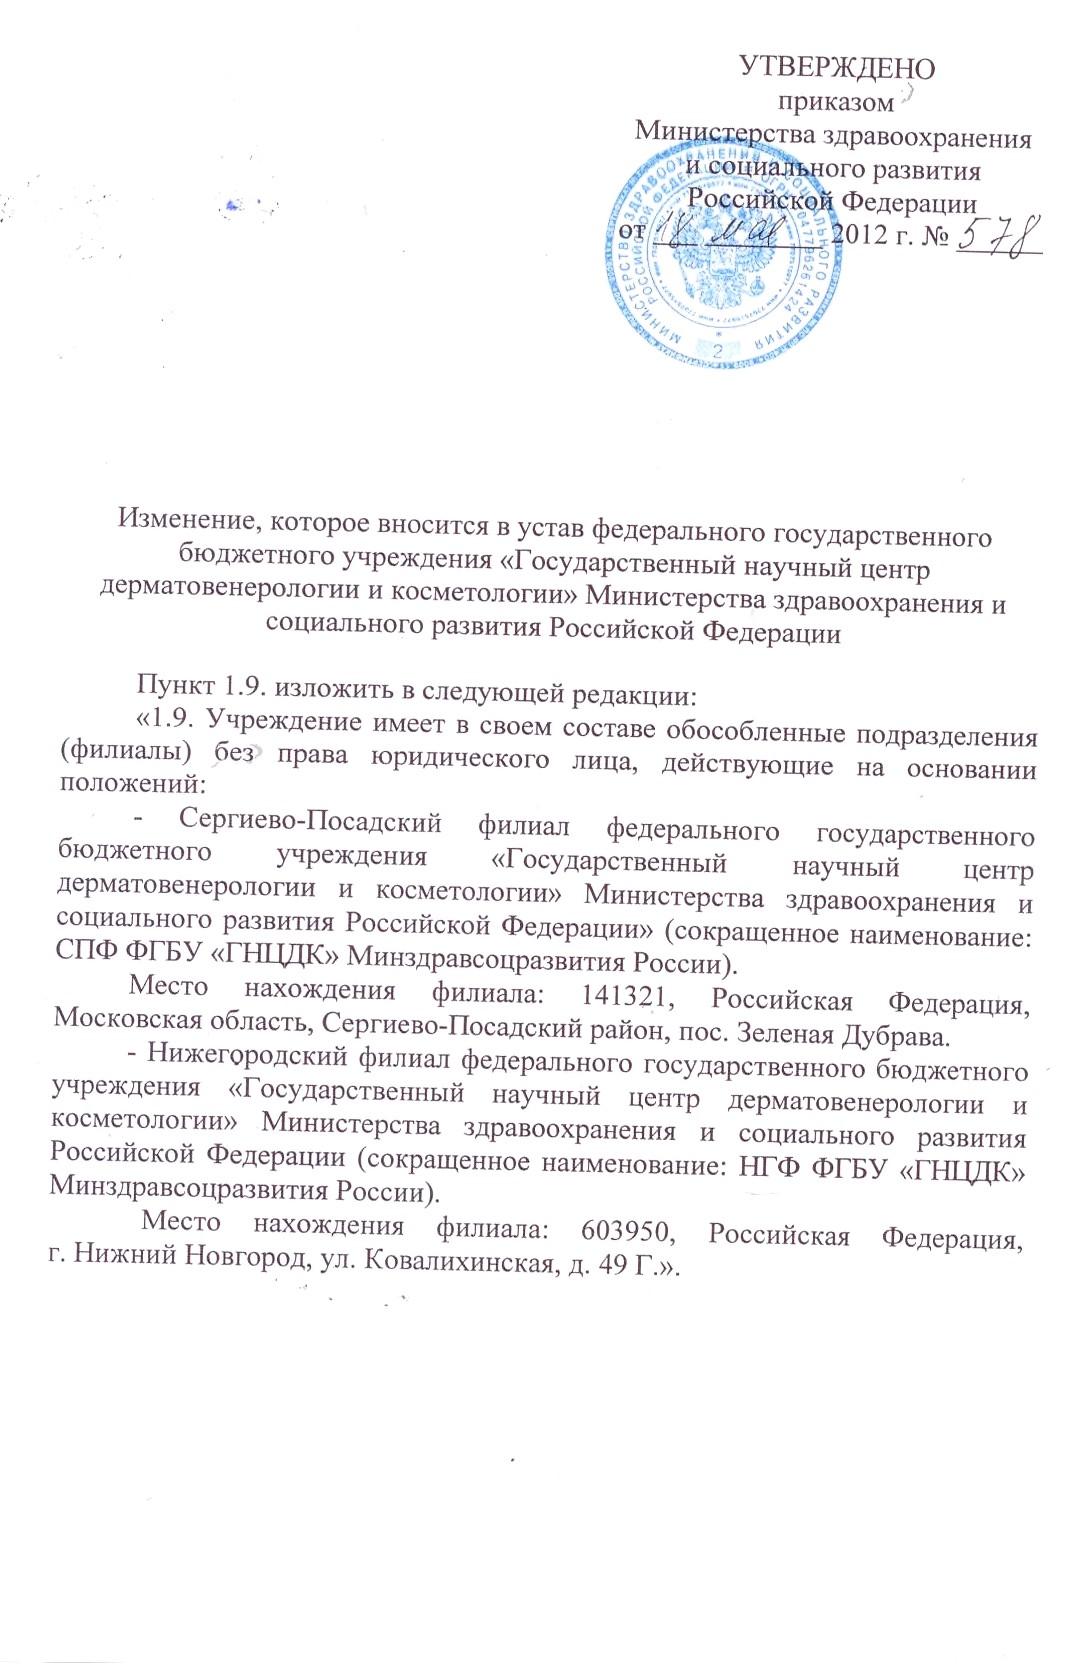 Приказ министерства здравоохранения и социального развития рф о проведении всероссийского конкурса